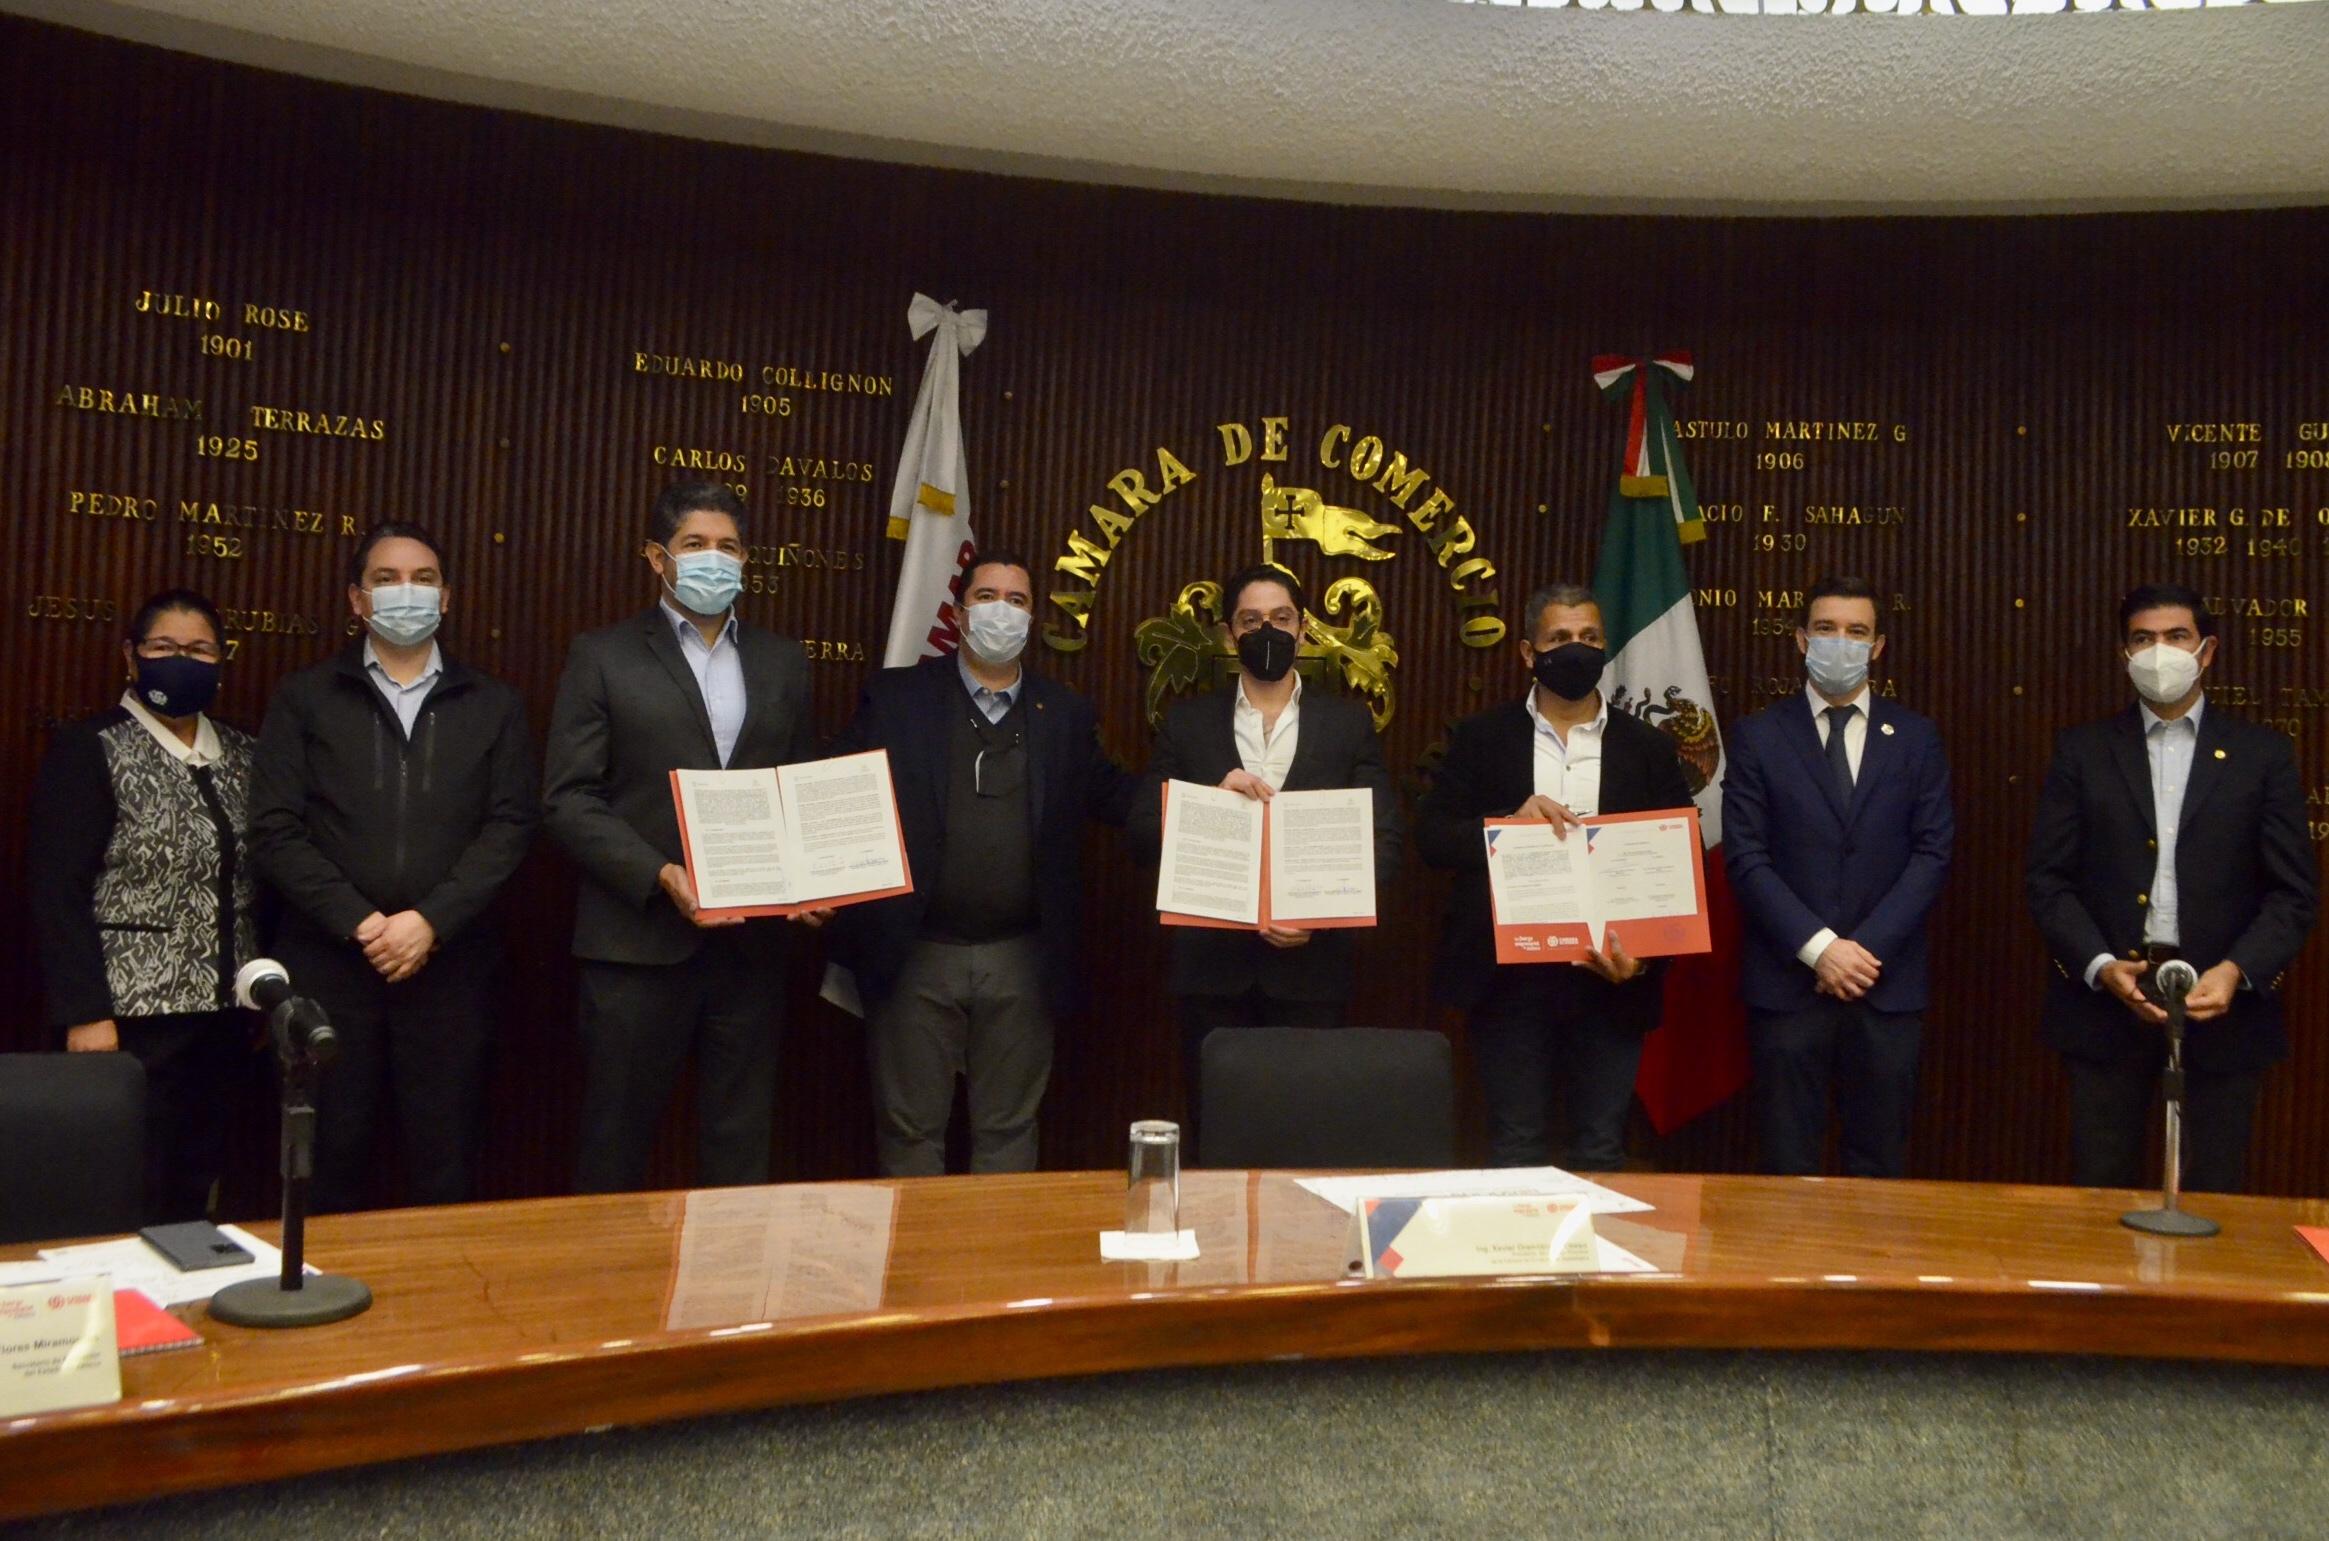 Ofrecerá Cámara de Comercio de Guadalajara becas de capacitación al personal operativo de las corporaciones de seguridad en el estado